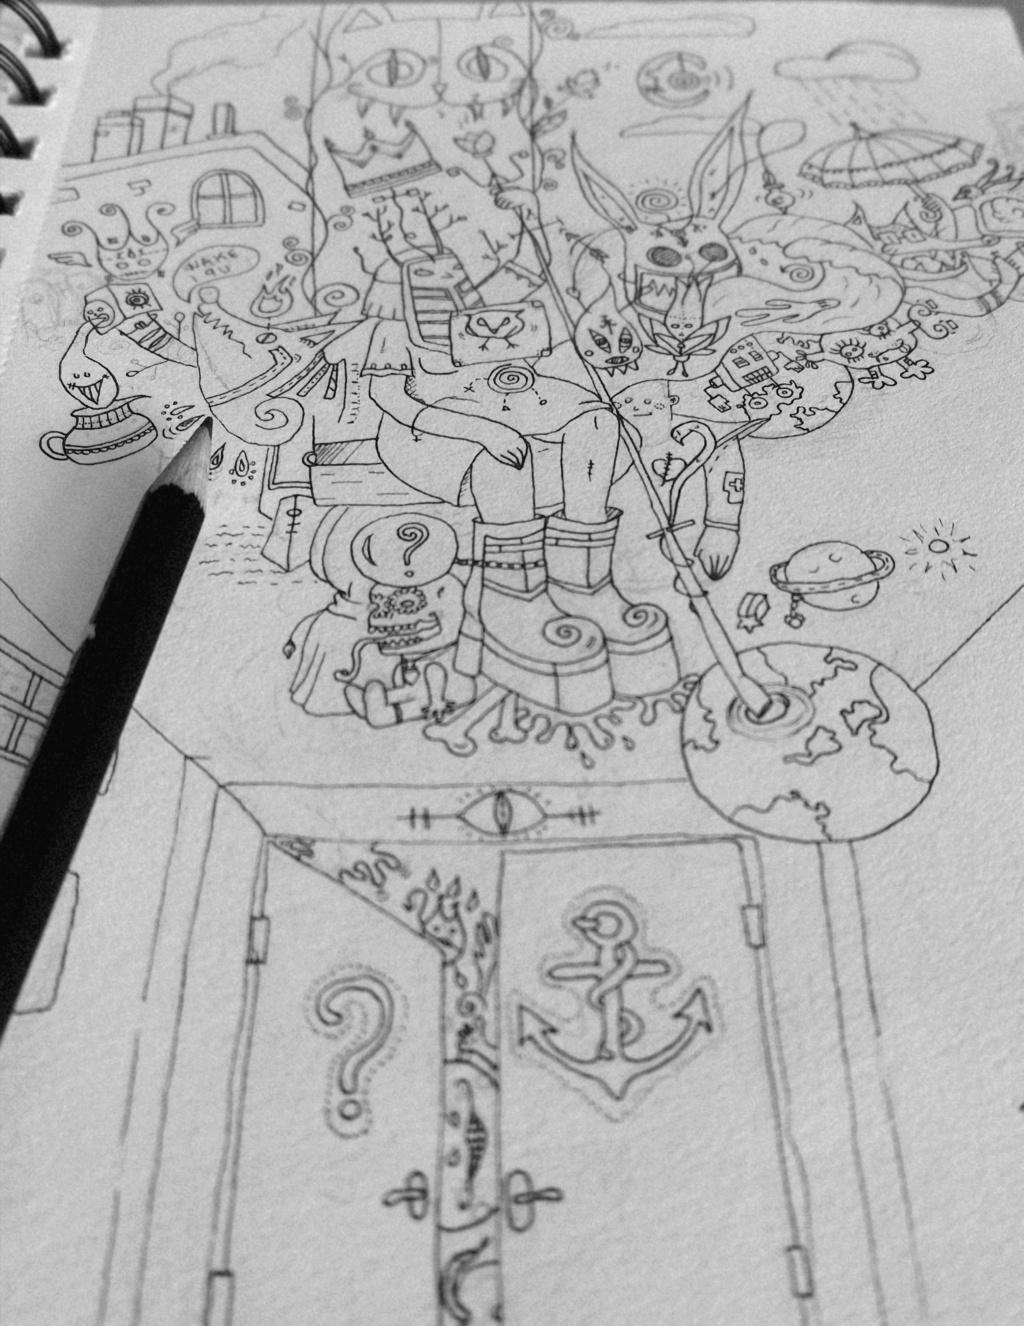 Un dessin par jour, qui veut jouer? - Page 18 Img_2021